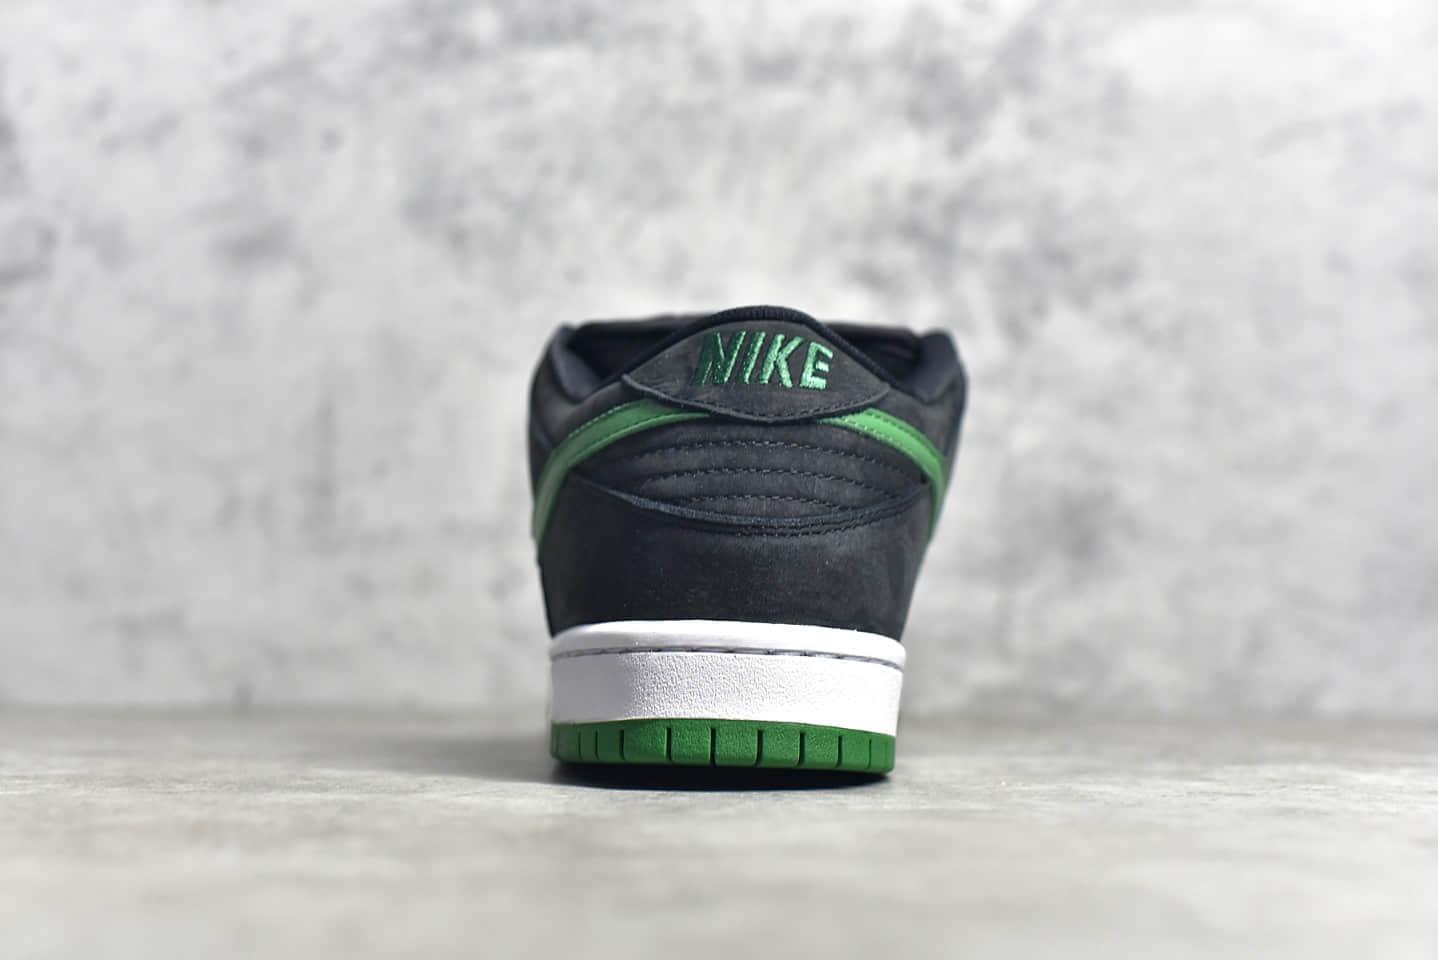 耐克Dunk SB黑绿低帮板鞋 NIKE SB Dunk Low Pro 黑绿纯原版本 货号:BQ6017-005-潮流者之家